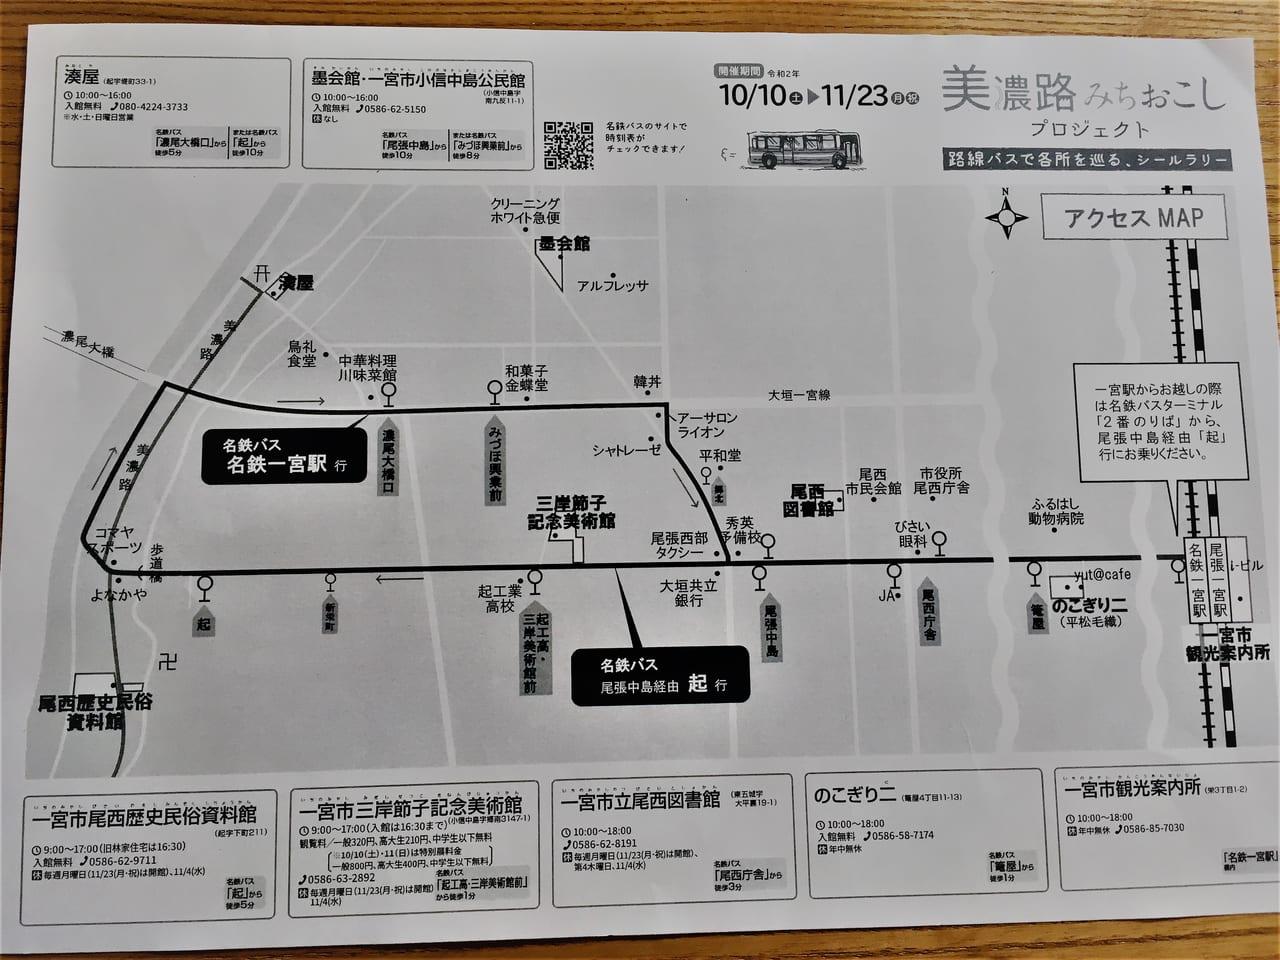 美濃路みちおこしプロジェクトチラシバス路線図